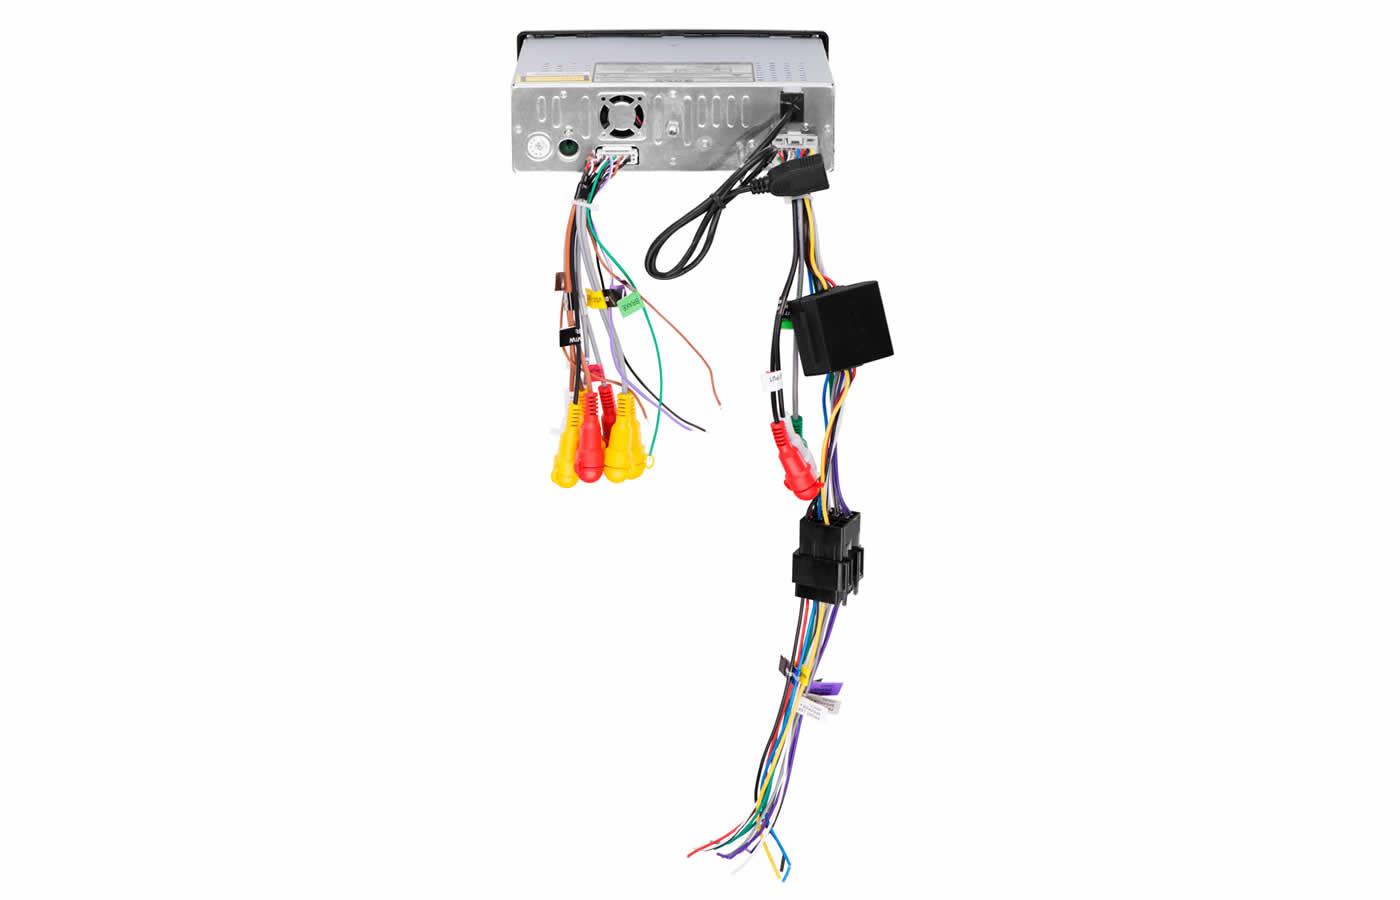 hight resolution of boss bv9986bi wiring switch wiring diagram boss audio wiring harness boss bv9986bi 7 boss